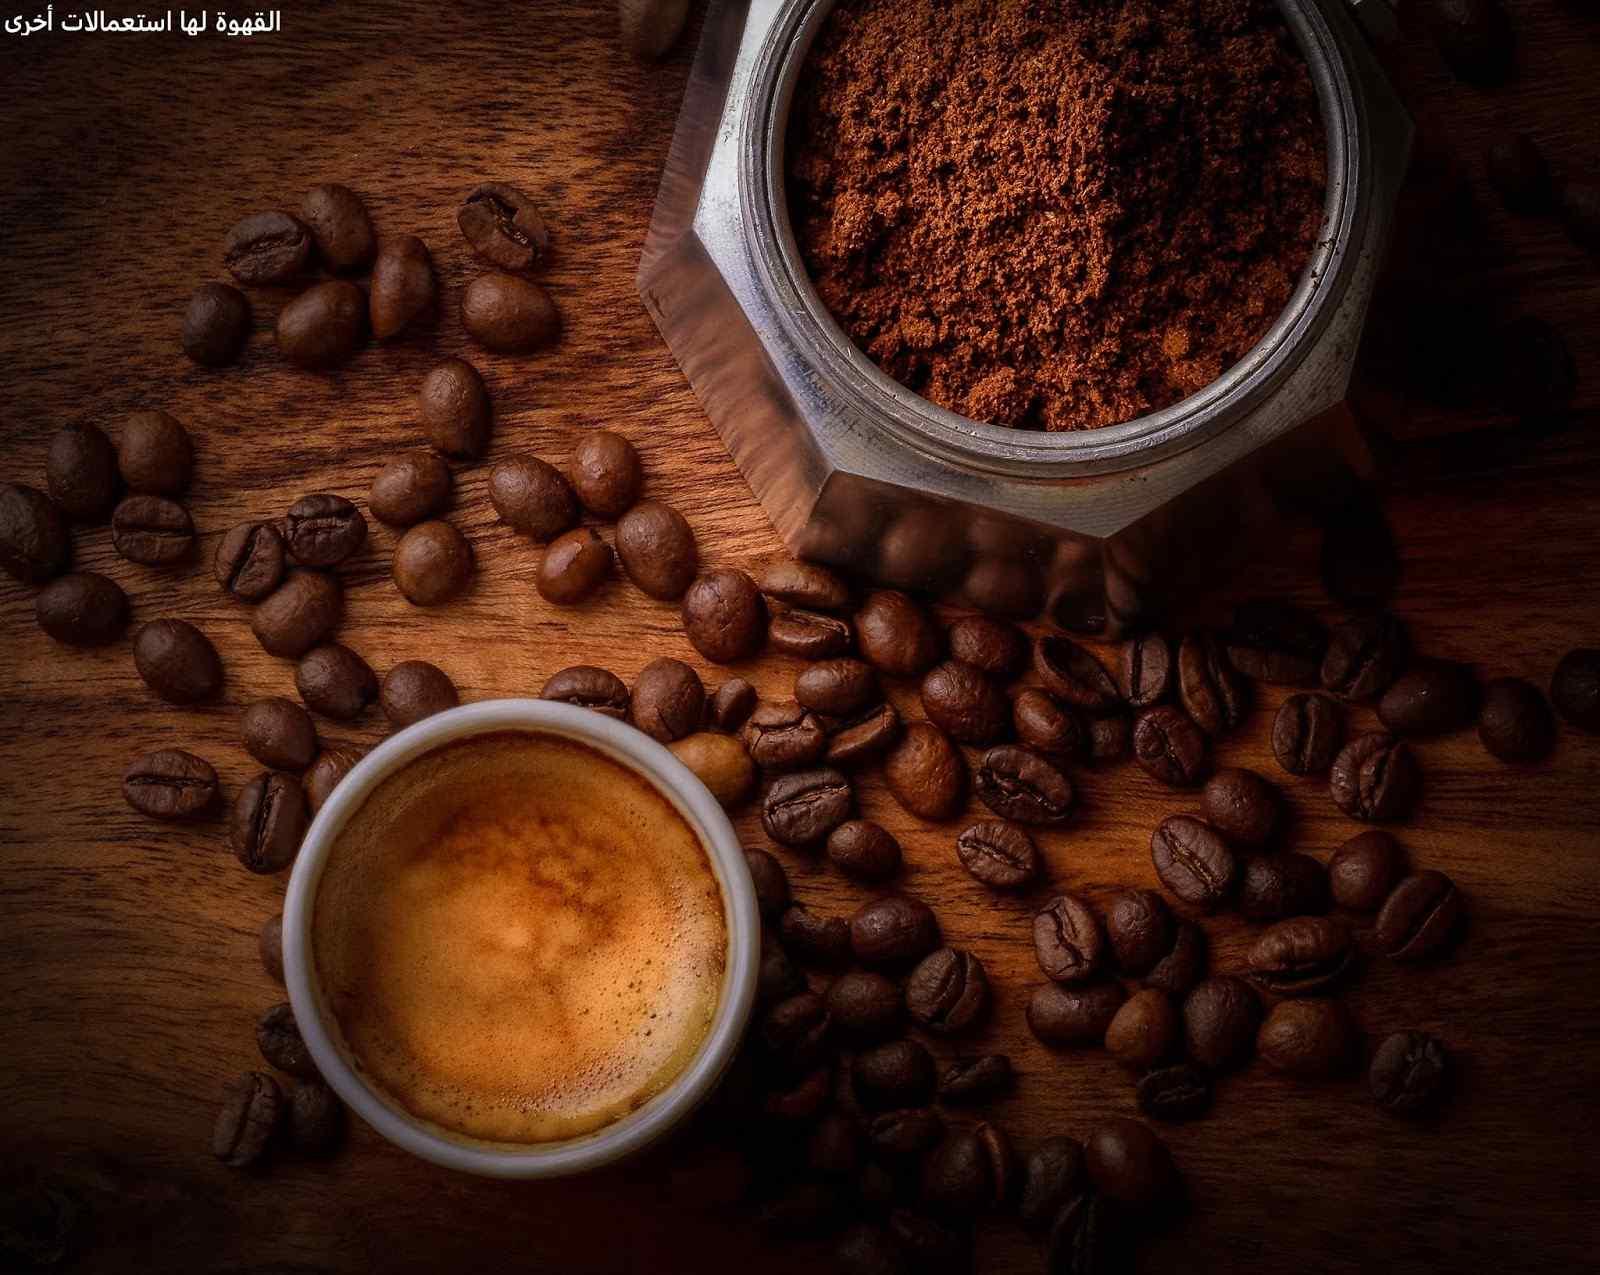 القهوة,تفل القهوة,قهوة,فوائد,تفل,العناية بالبشرة,البشرة,جمال,البشرة الجافة,الشعر,ترطيب البشرة,خلطات طبيعية,استخدامات تفل القهوة,تجميلية,العناية,ماسك,اضرار تفل القهوة,ما فائدة تفل القهوة,لا ترمي تفل القهوة,وصفة,استعمال بقاية القهوة كسماد